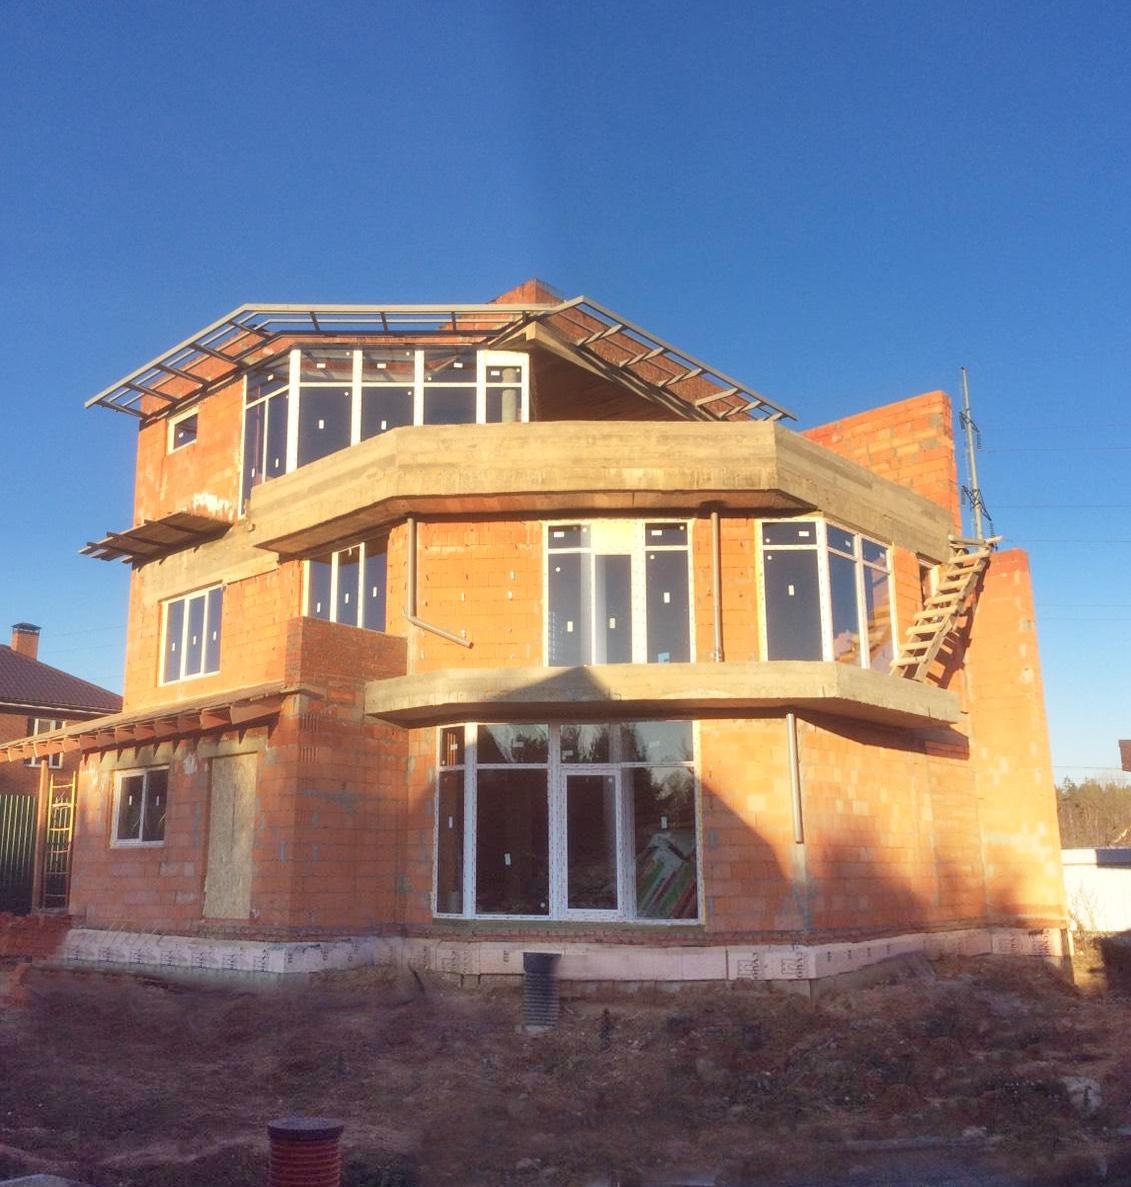 Проект Сиверка - дом с плоской эксплуатируемой кровлей, террасами и панорамными окнами - реализация, Одинцово, 2018, ноябрь